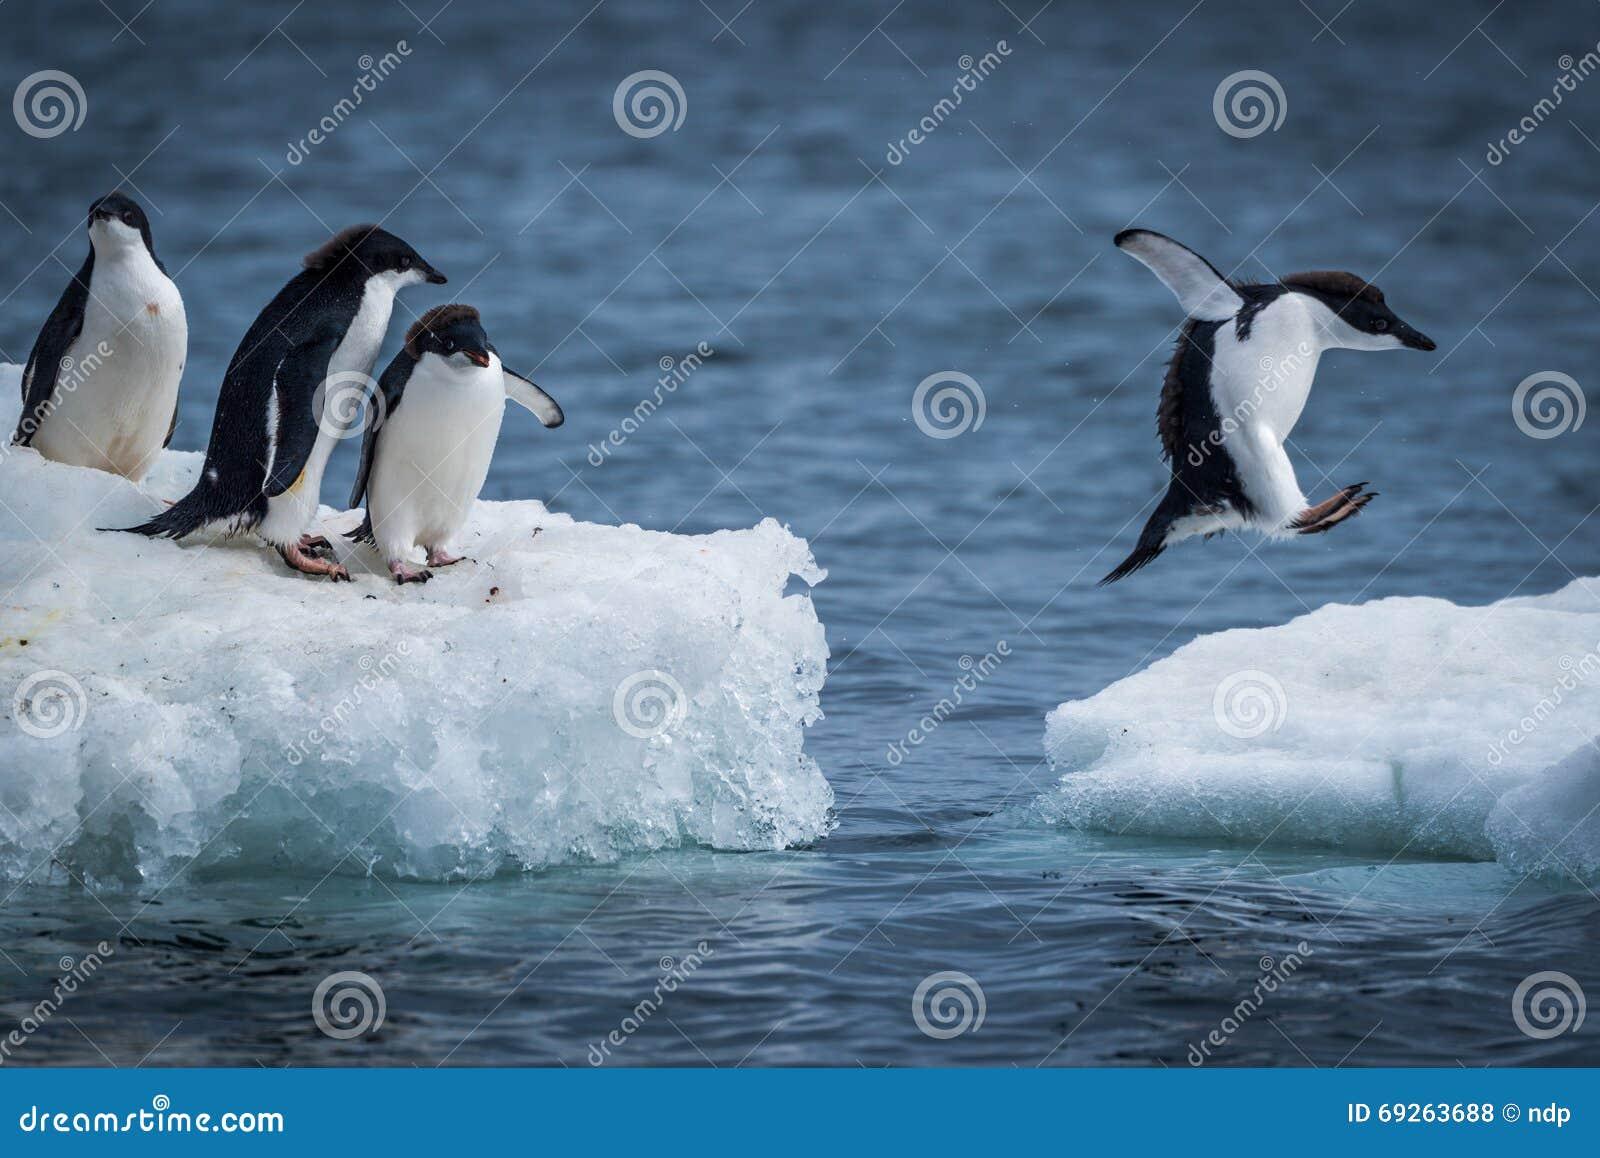 跳跃在两座冰川之间的Adelie企鹅